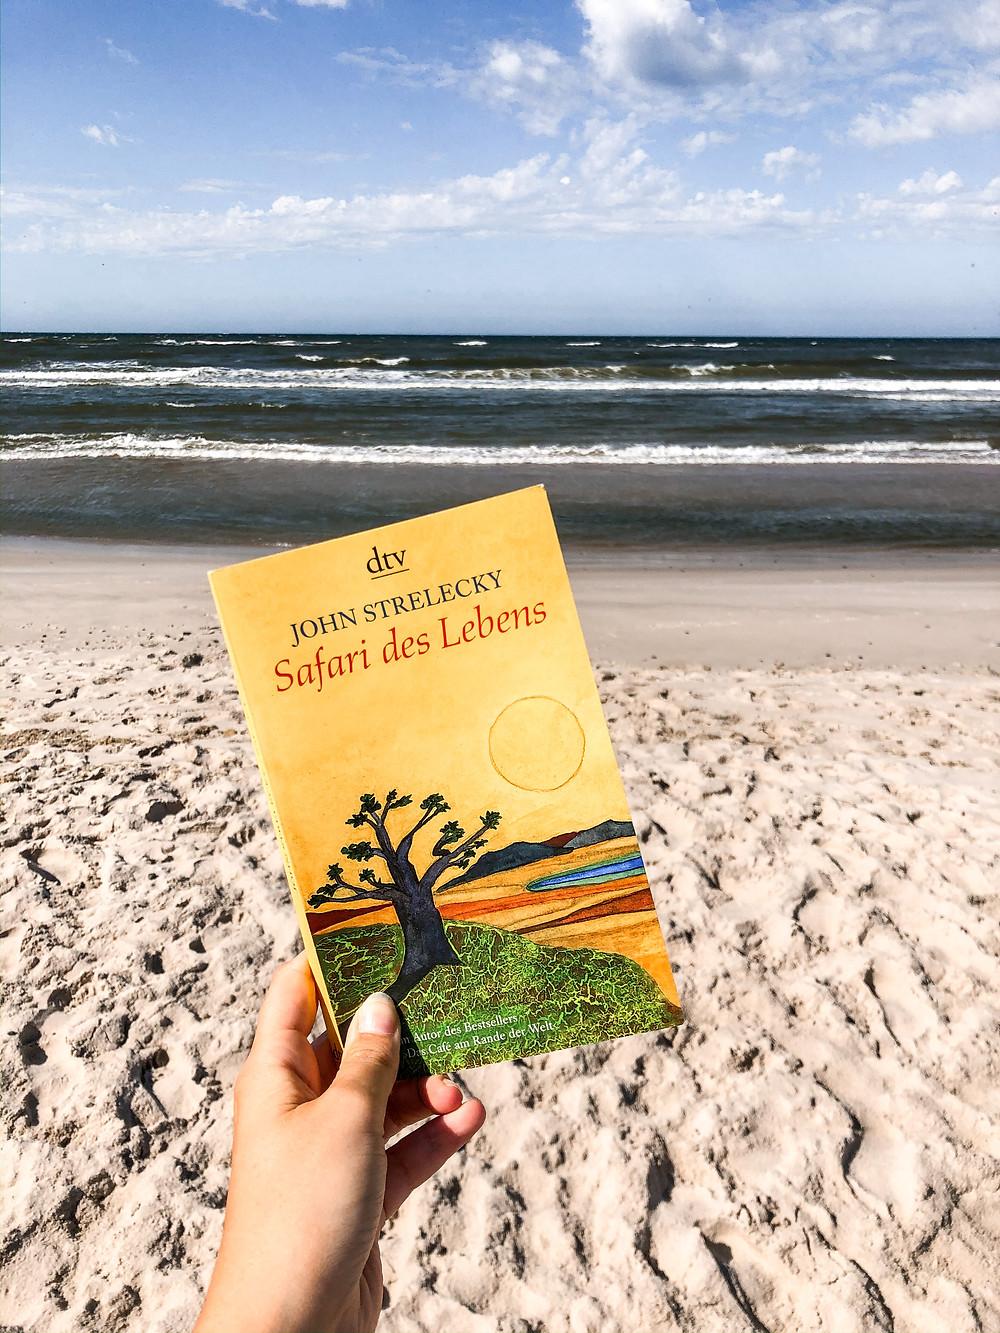 Das Buch Safari des Lebens zählt zu den absoluten Klassikern der Persönlichkeitsentwicklung und ist eines der meistverkauften Bücher von John Strelecky.